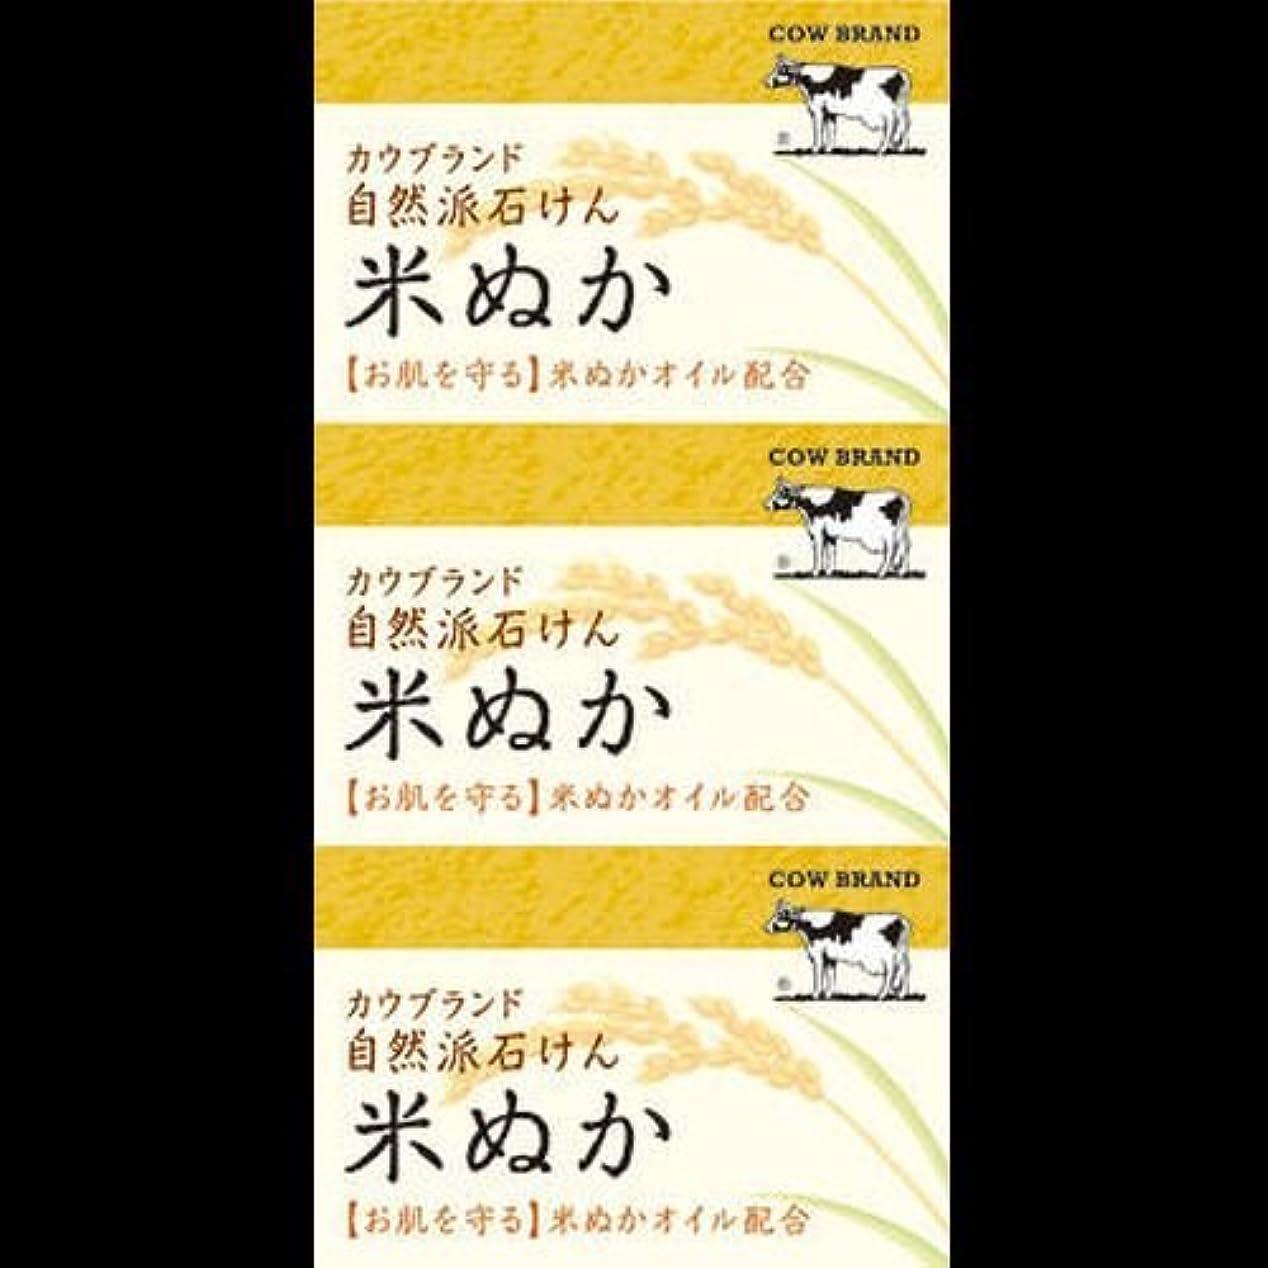 アトム比喩タービン【まとめ買い】カウブランド 自然派石けん 米ぬか 100g*3個 ×2セット